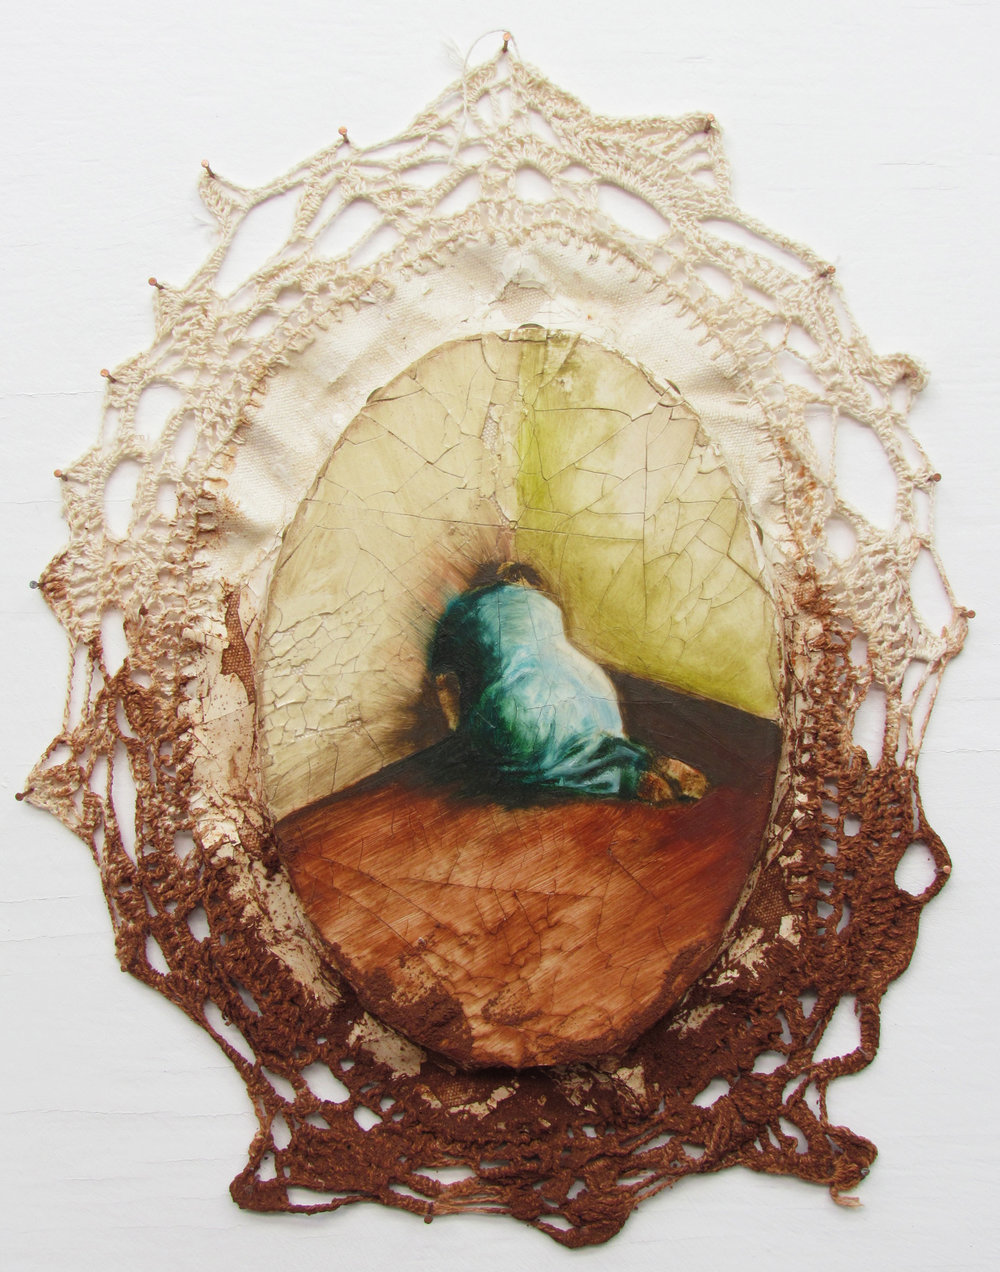 talvez-por-efeito-do-quotidiano--ost-madeira--crochet-em-barbante-de-lona--terra--resina-35x30cm--2012_1250.jpg